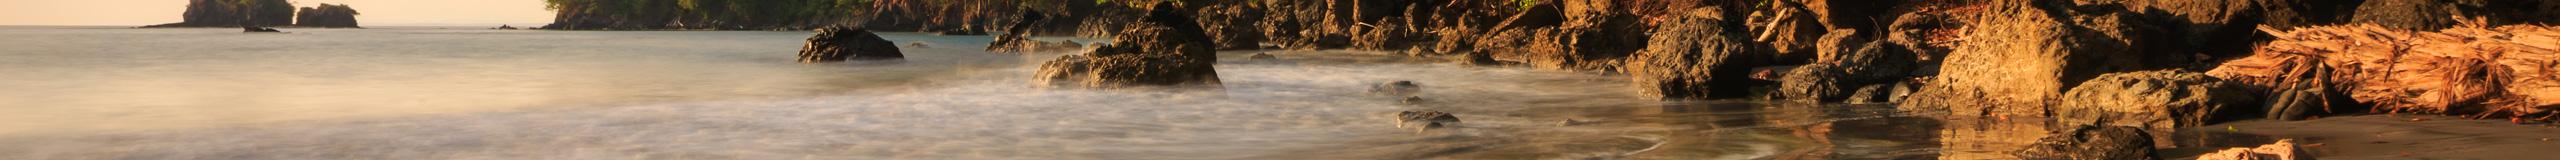 Expérience Costa Rica, Sarapiqui,</br>Arenal et côte Pacifique